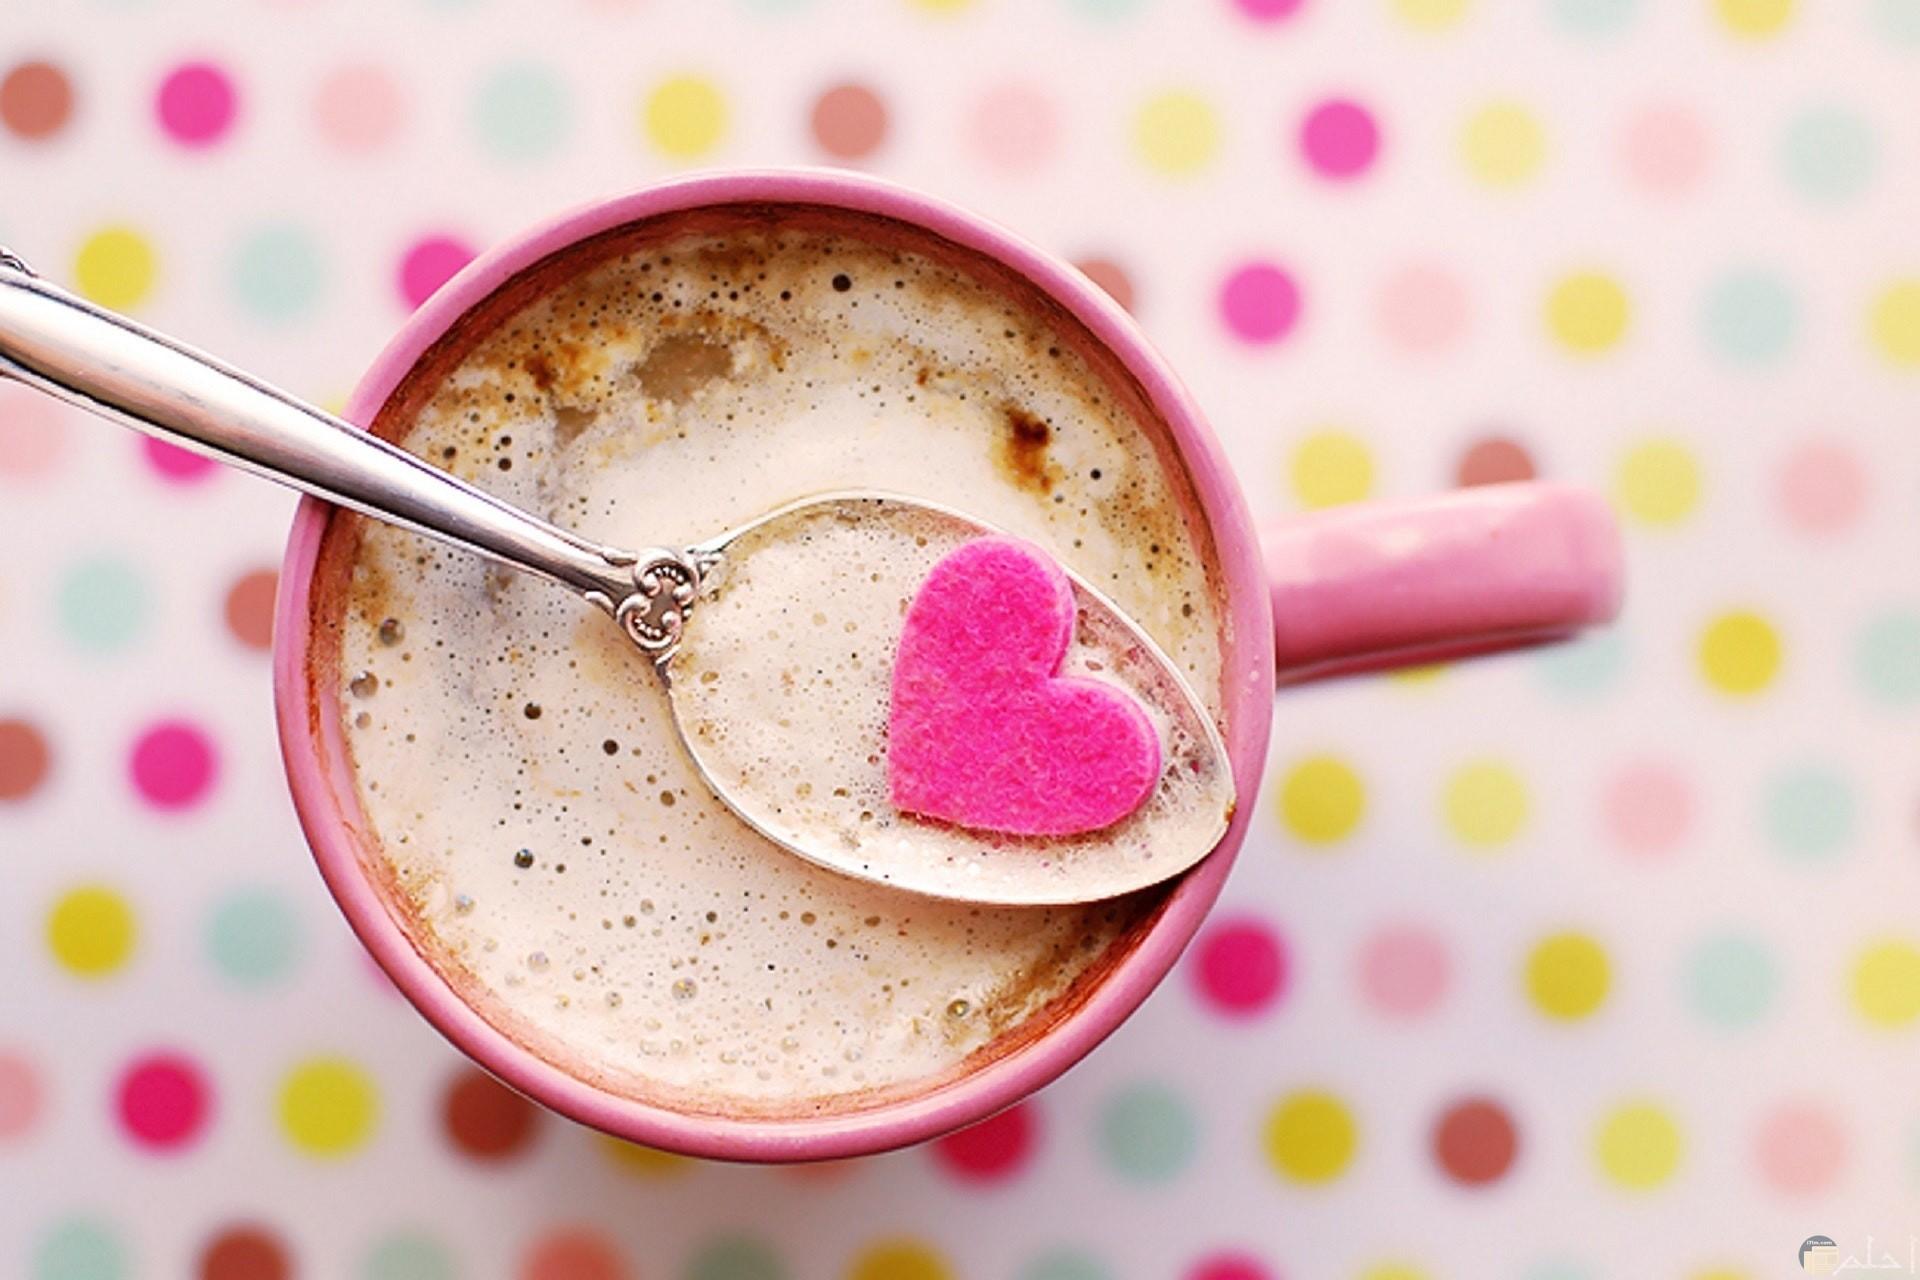 صورة جميلة جدا لقلب وردي داخل ملعقة وكوب وردي مع خلفية حلوة